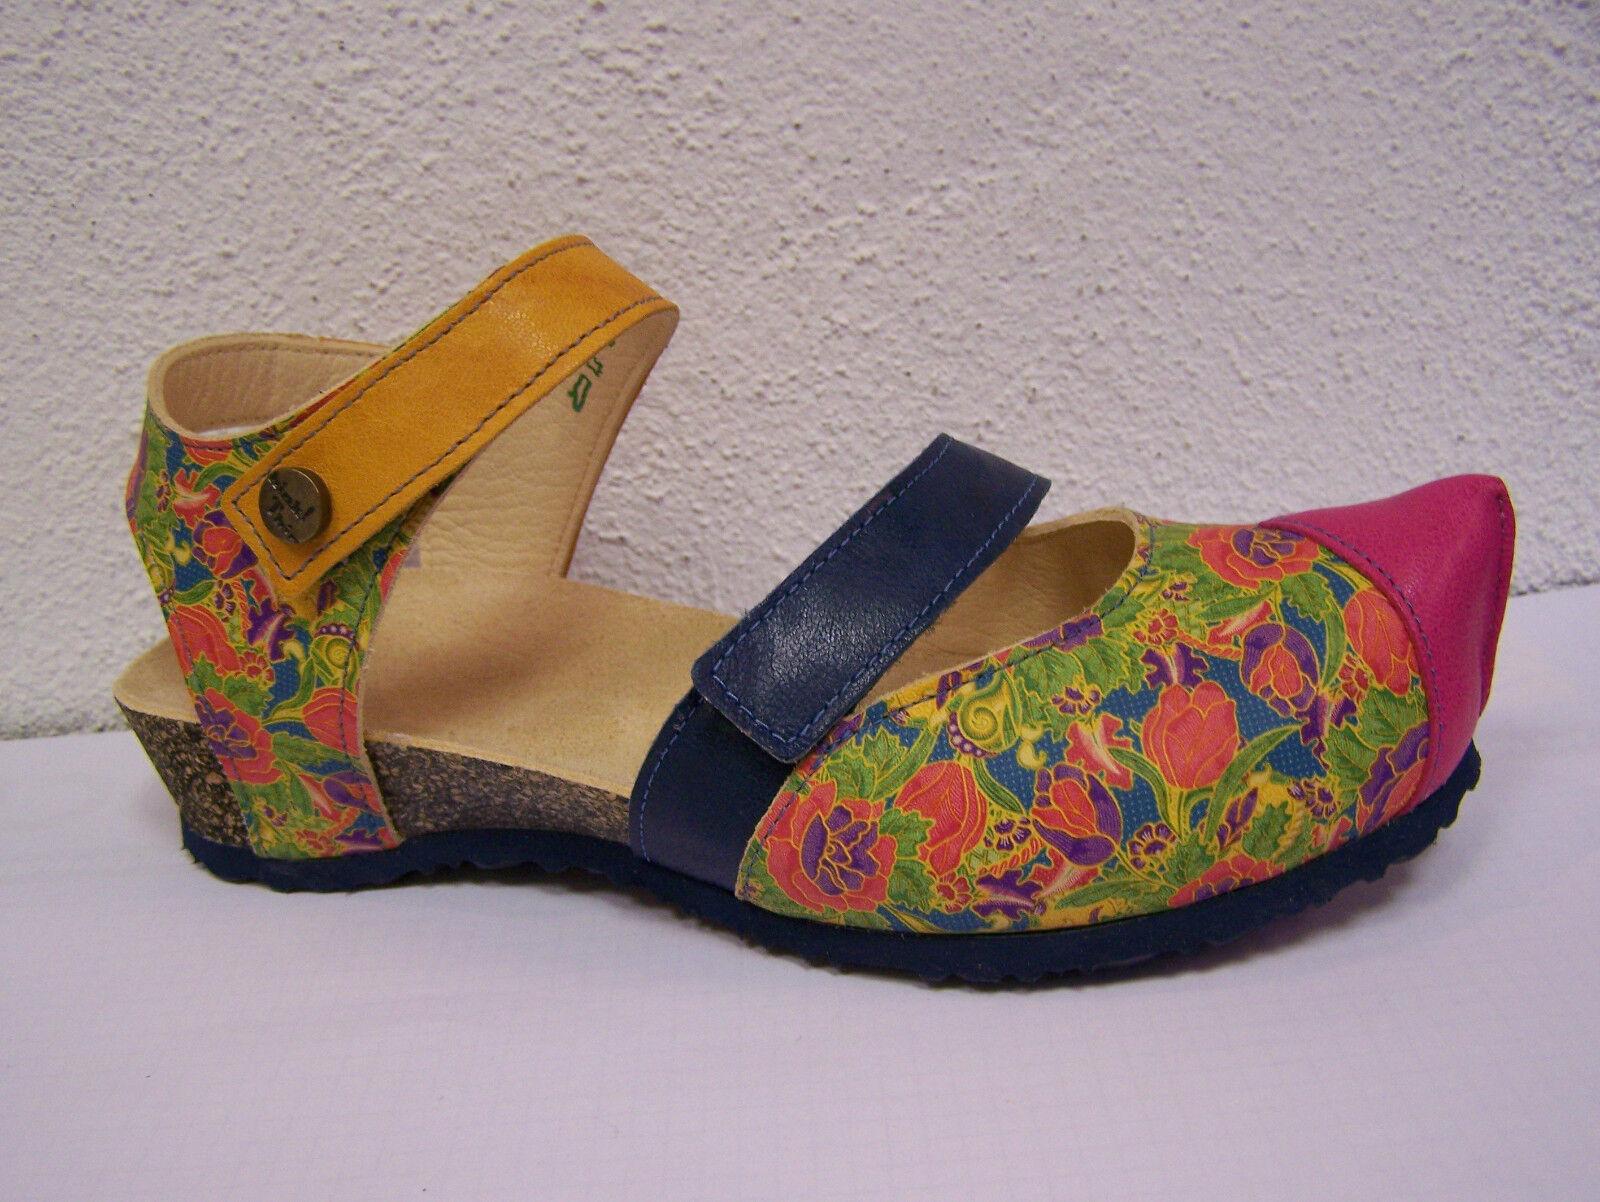 Think Kessy, sandali MULTICOLOR cade maggiore da! blumenprint MULTICOLOR sandali Capra Rustico! 9ff48a